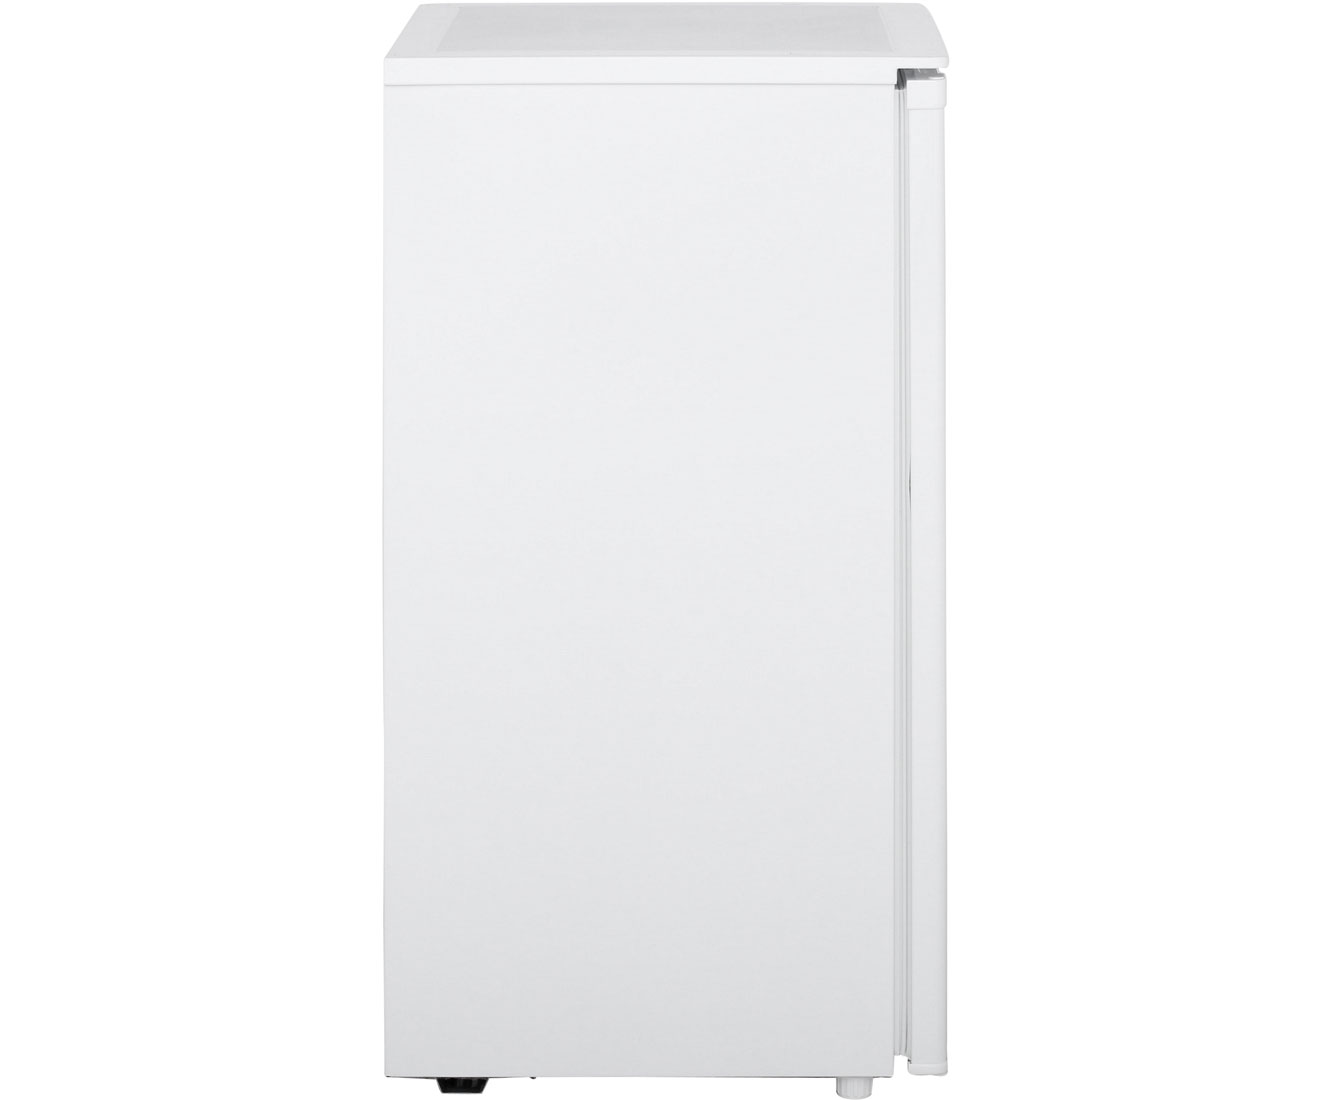 Bosch Kühlschrank Immer Wasser Unter Gemüsefach : Exquisit ks rva top kühlschrank weiß a